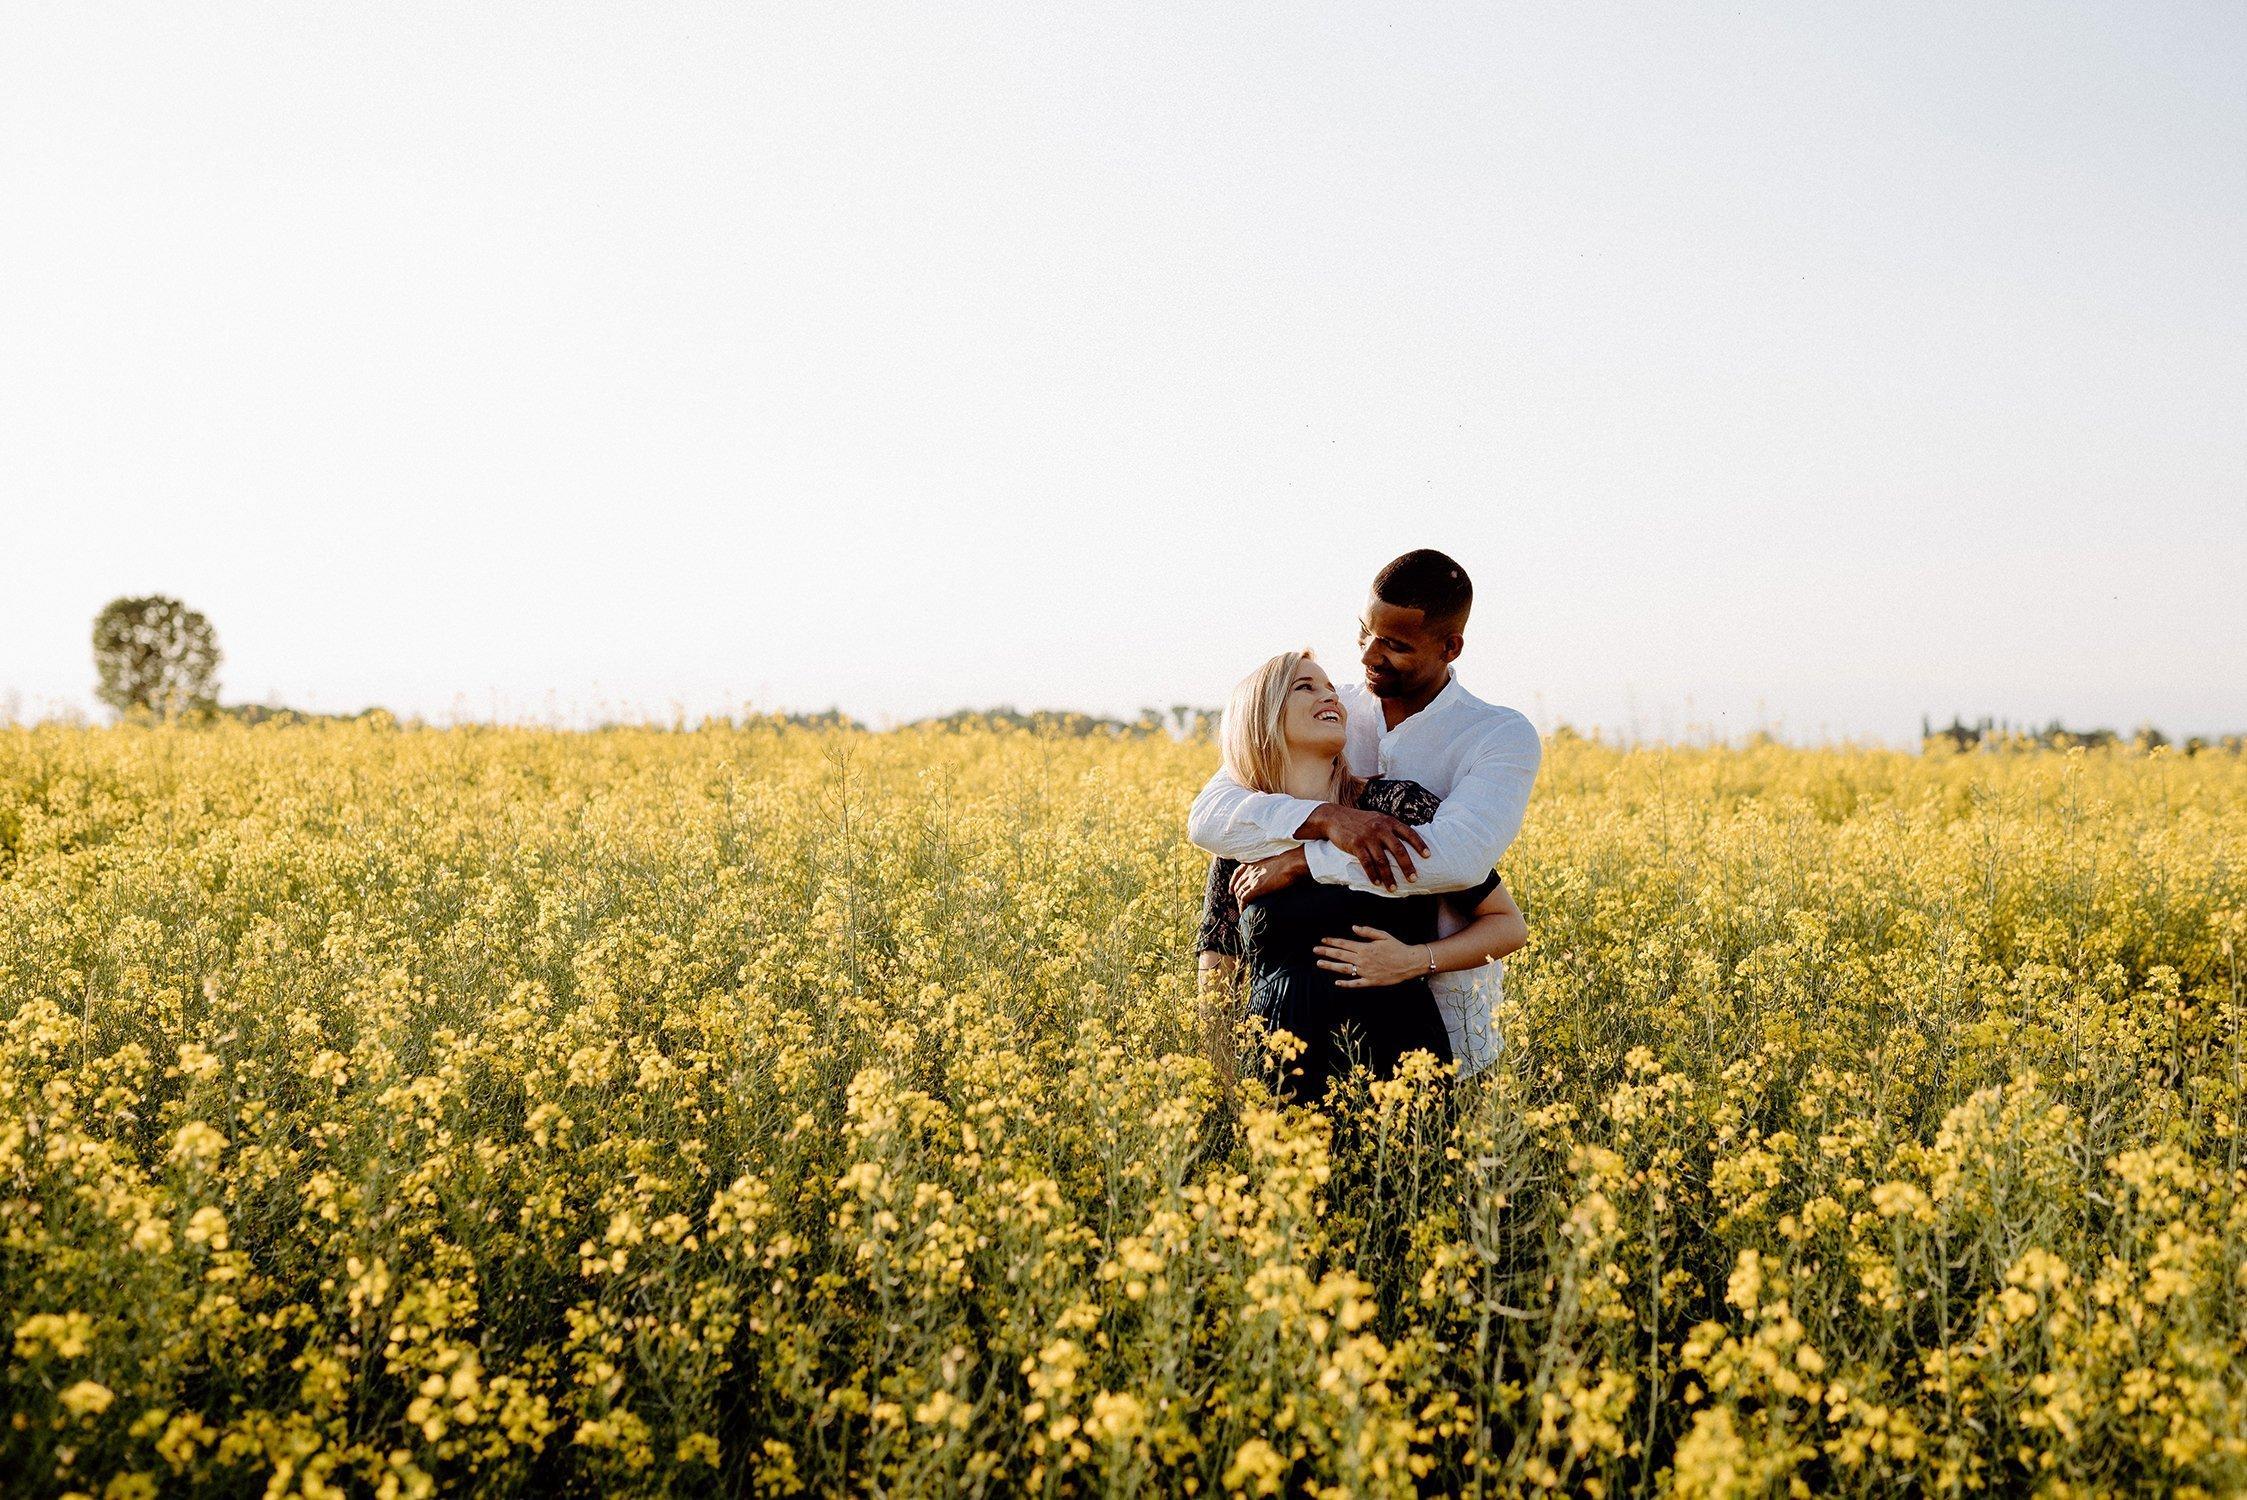 Ritratto di Famiglia. Servizio Gravidanza Anna e Rafael. Luisa Basso Wedding Photographer. Italian Wedding photographer